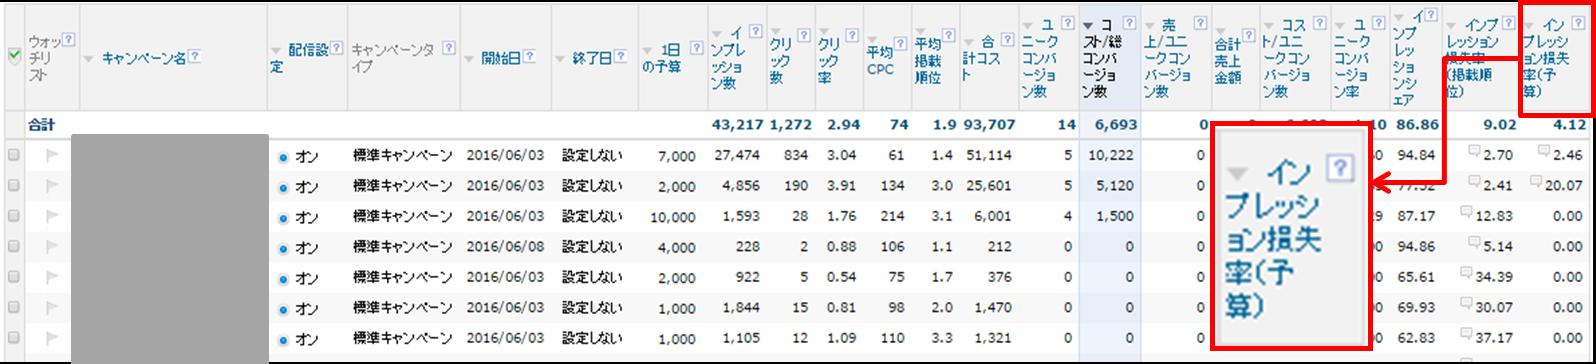 Yahoo! JAPAN日予算